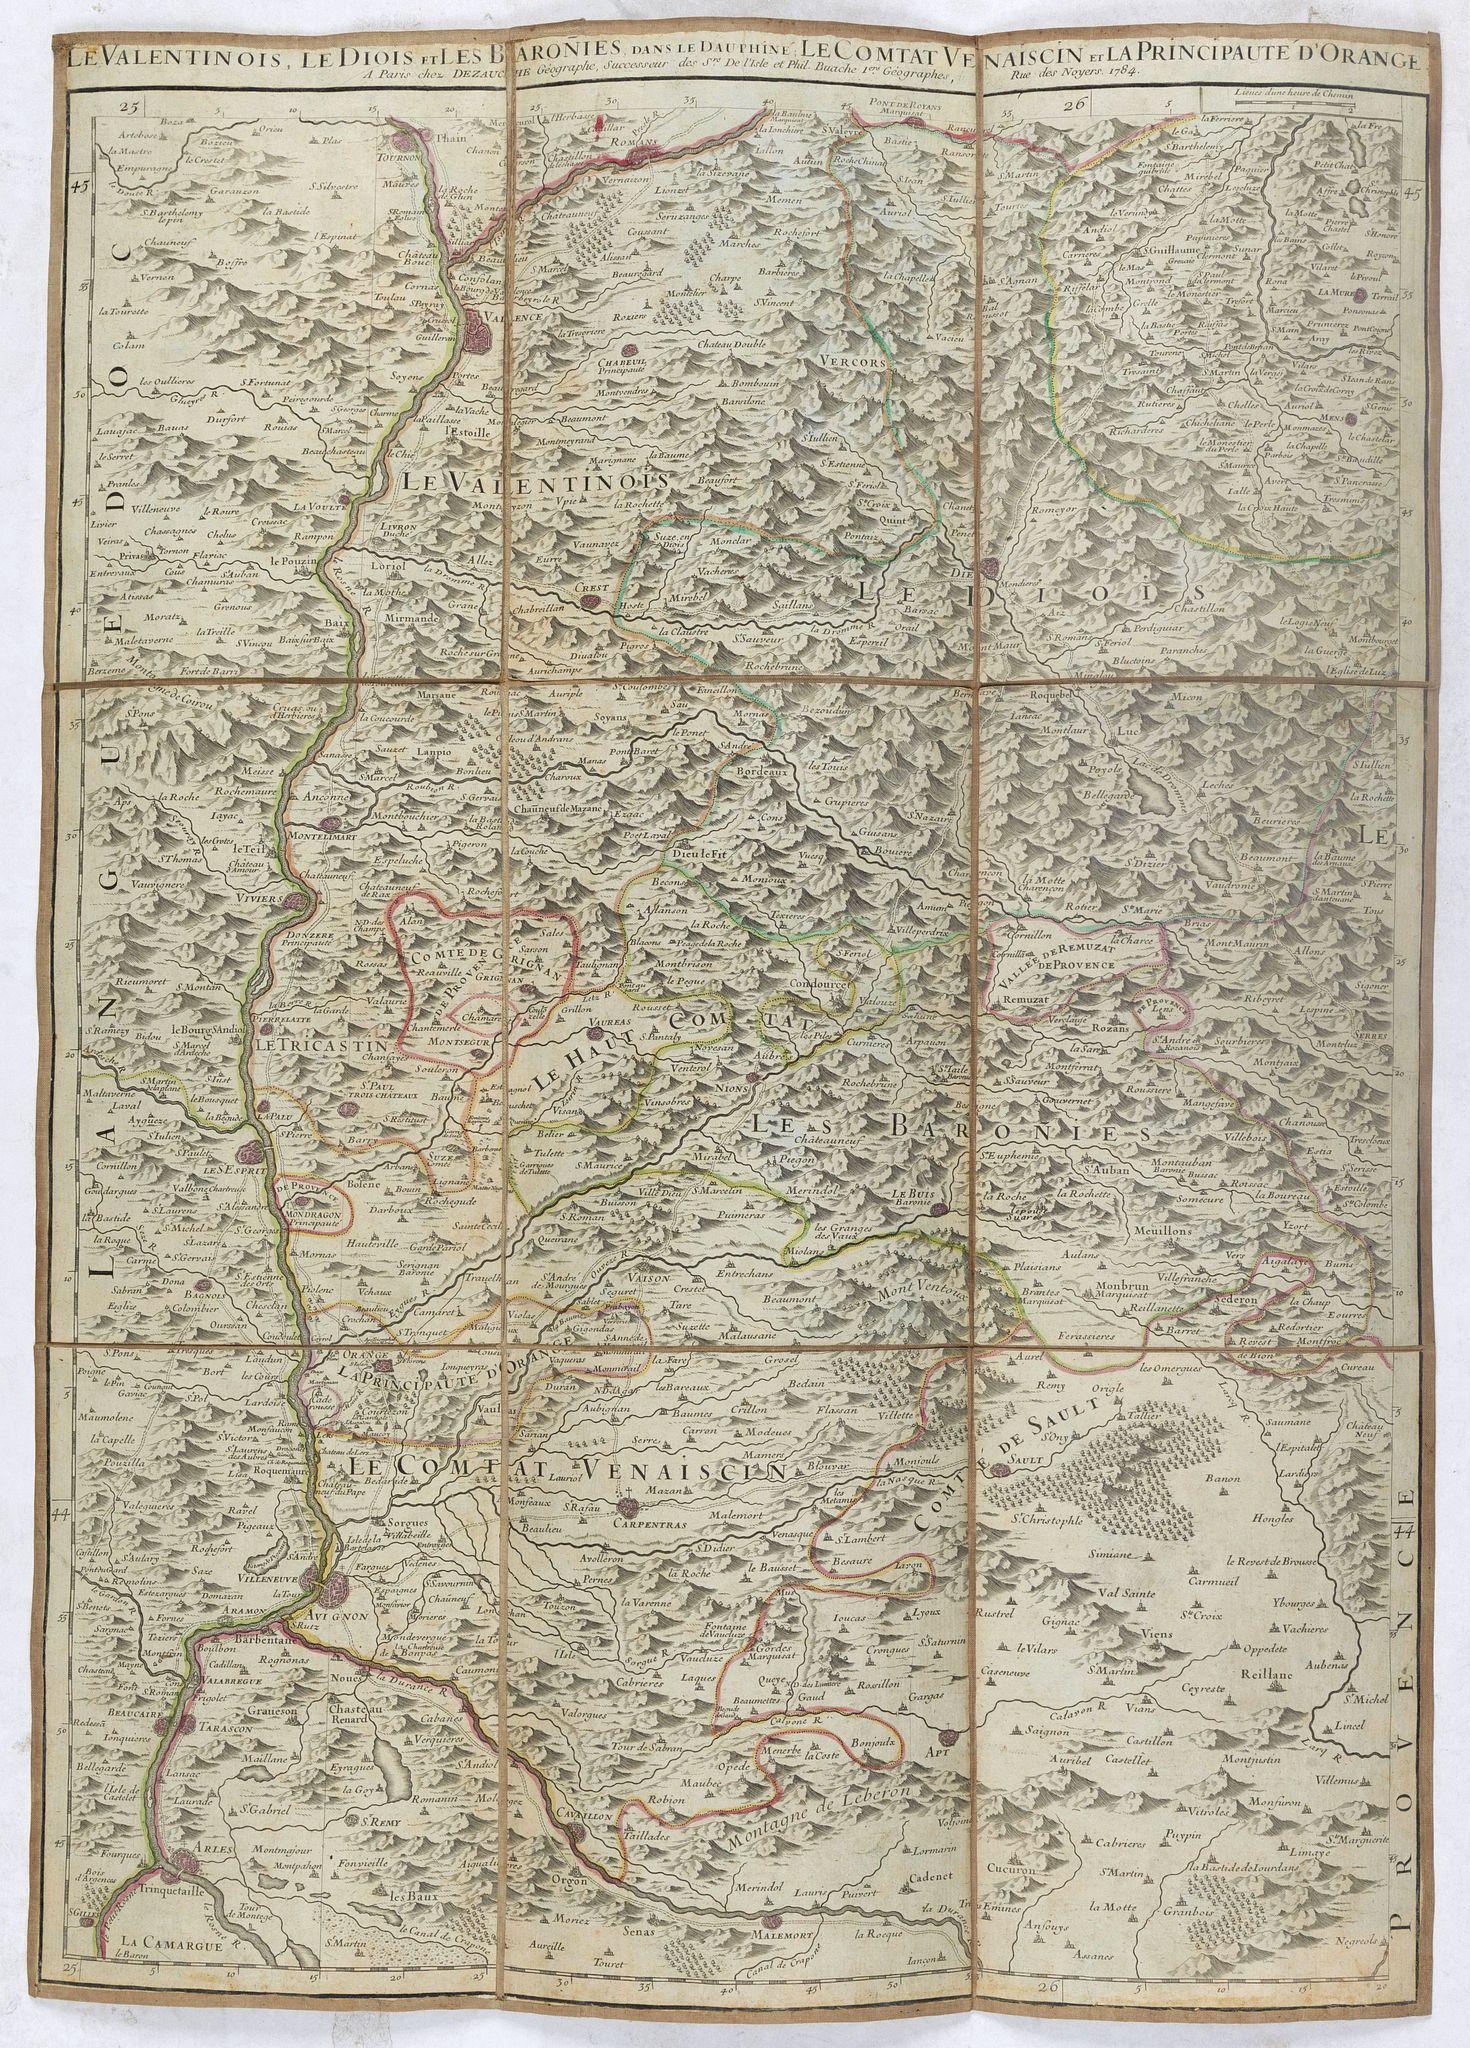 JAILLOT, A.H. / DEZAUCHE -  Le Valentinois, le Diois et les Baronies dans le Dauphiné: Le Comtat Vnaiscin et Principauté d'Orange.